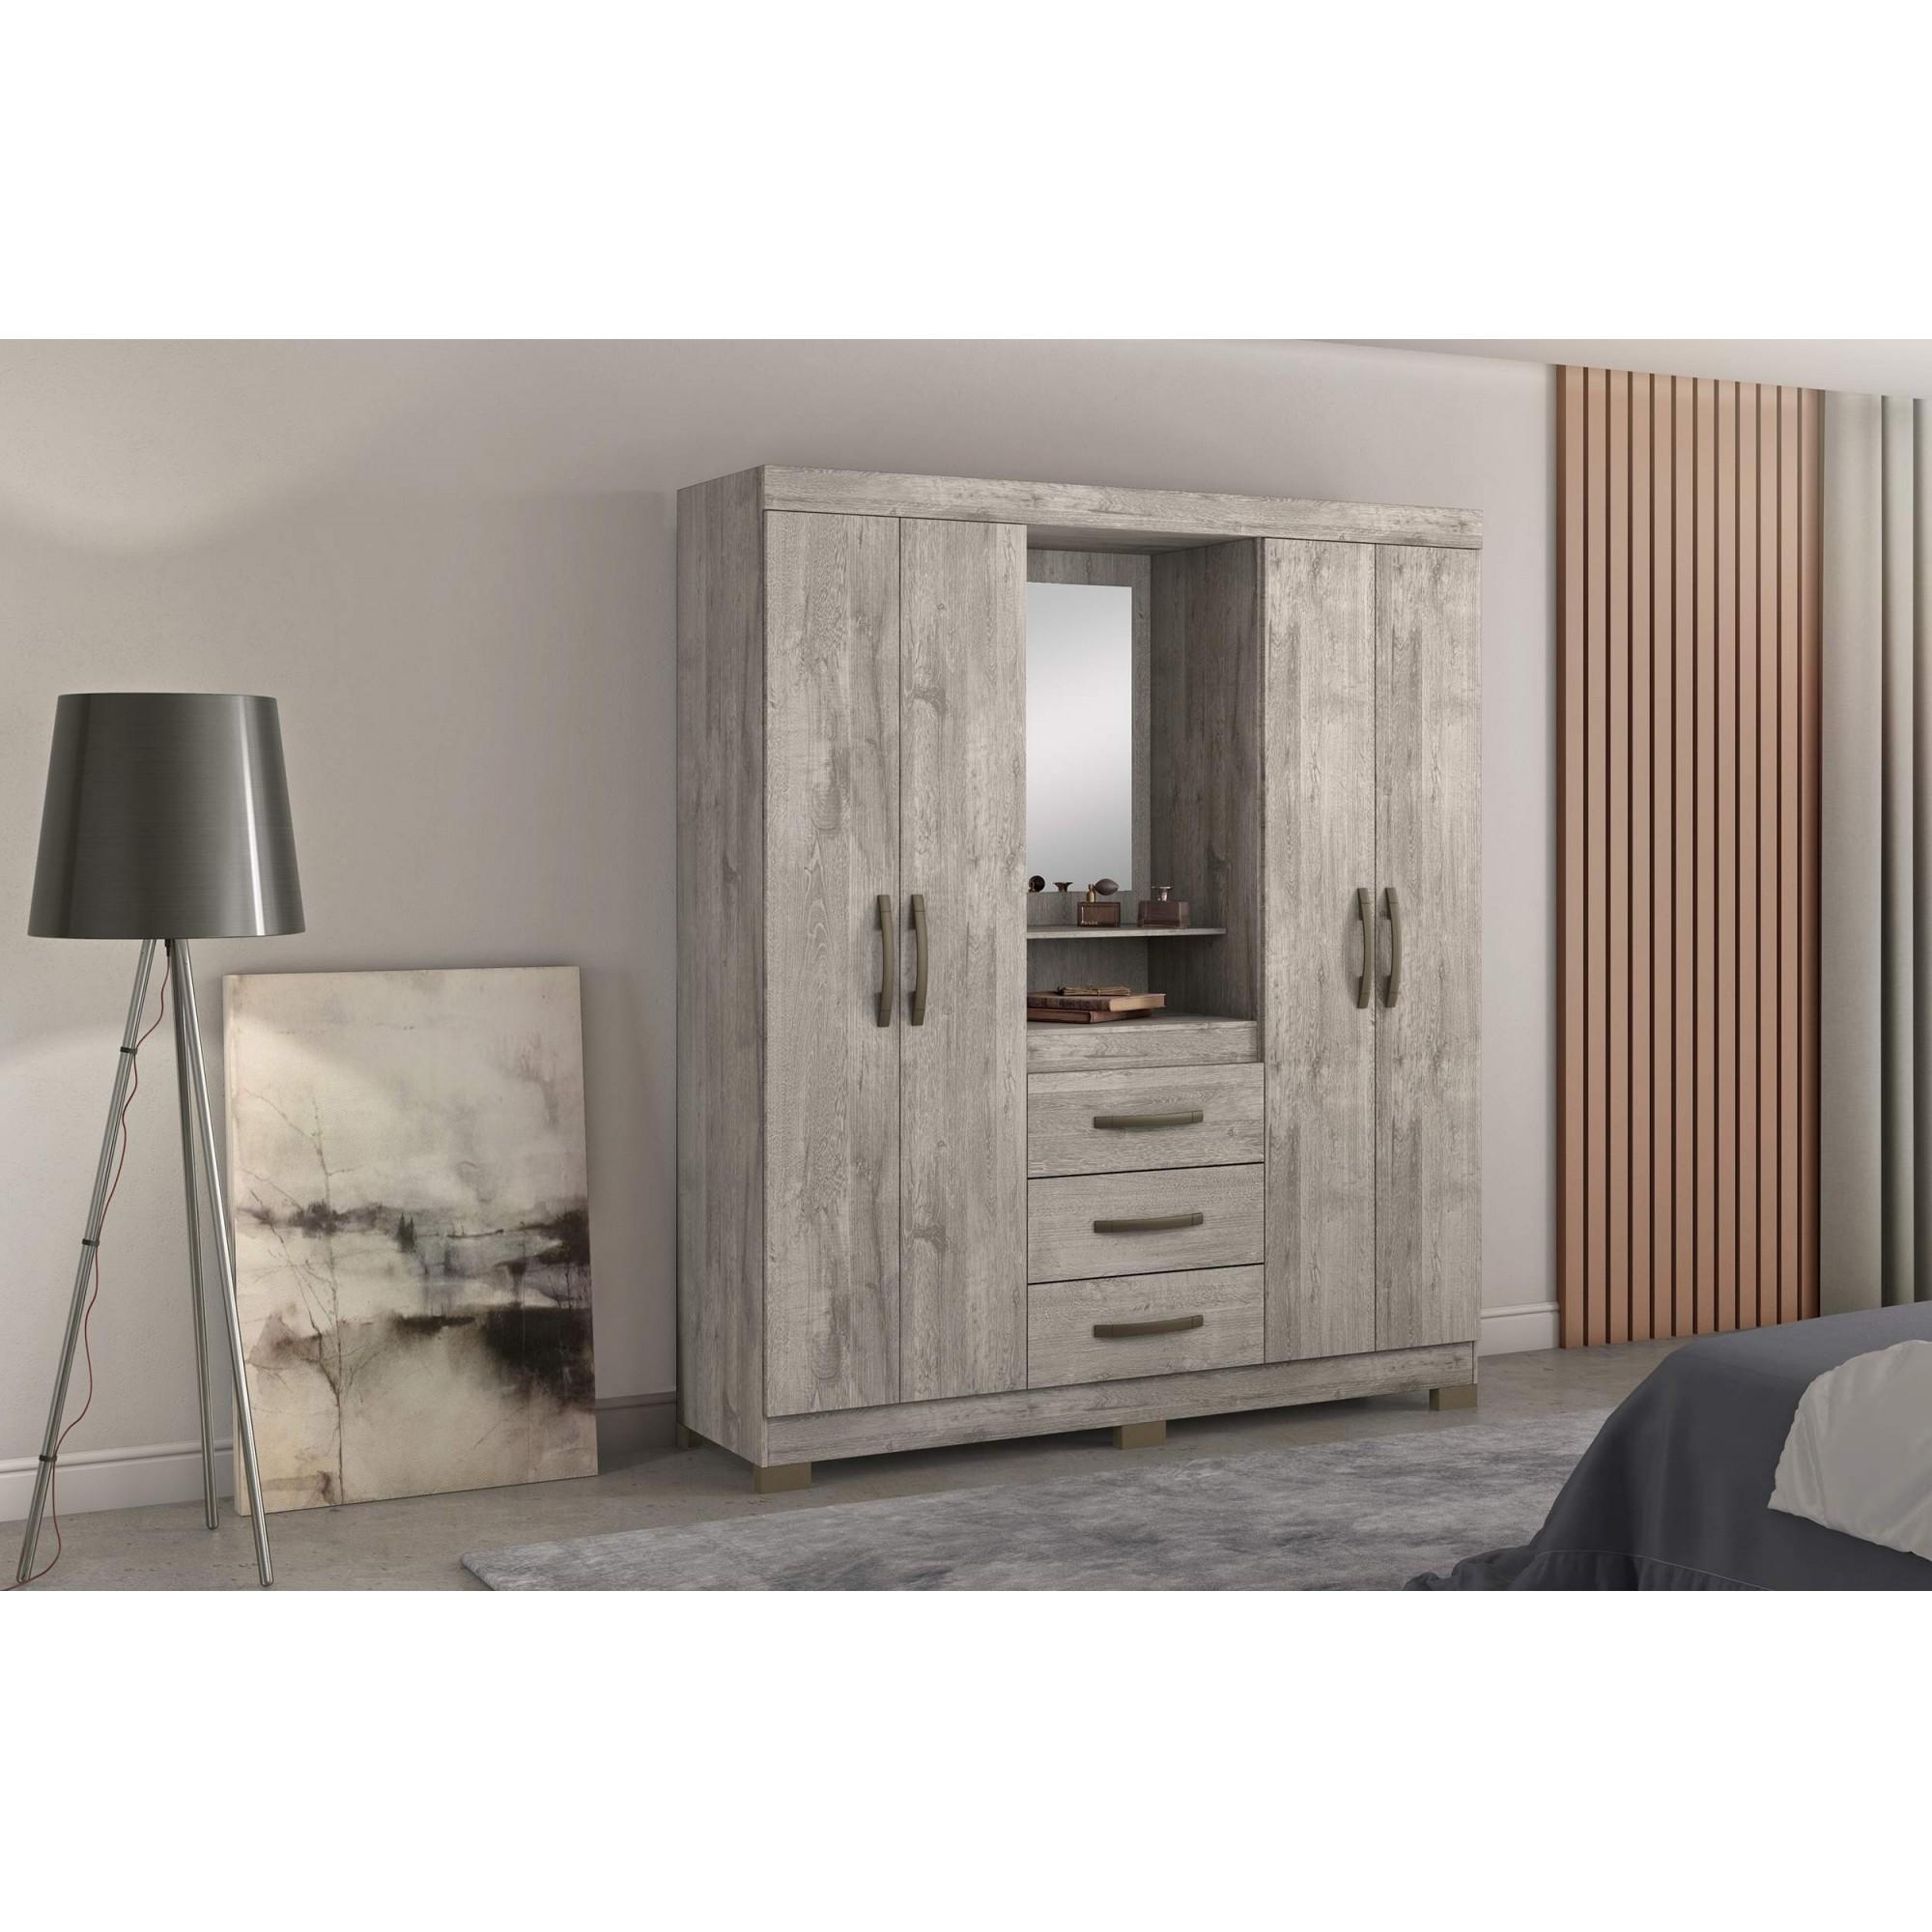 Guarda-Roupa NT 5015 4 portas 3 gavetas c/ espelho - Notável Móveis